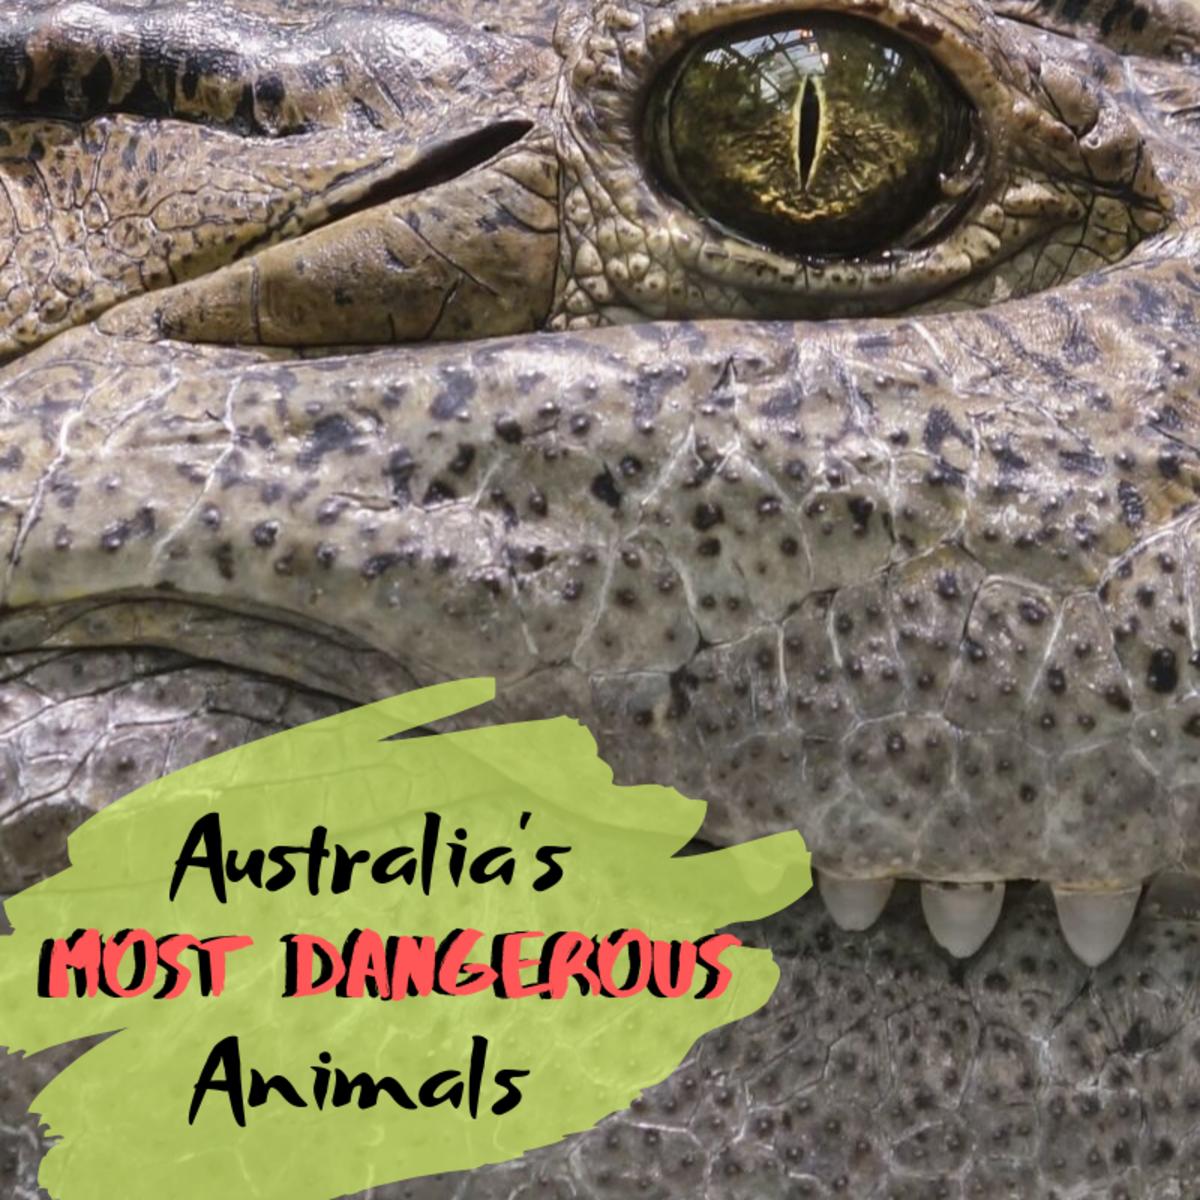 Top 10 Most Dangerous Animals in Australia